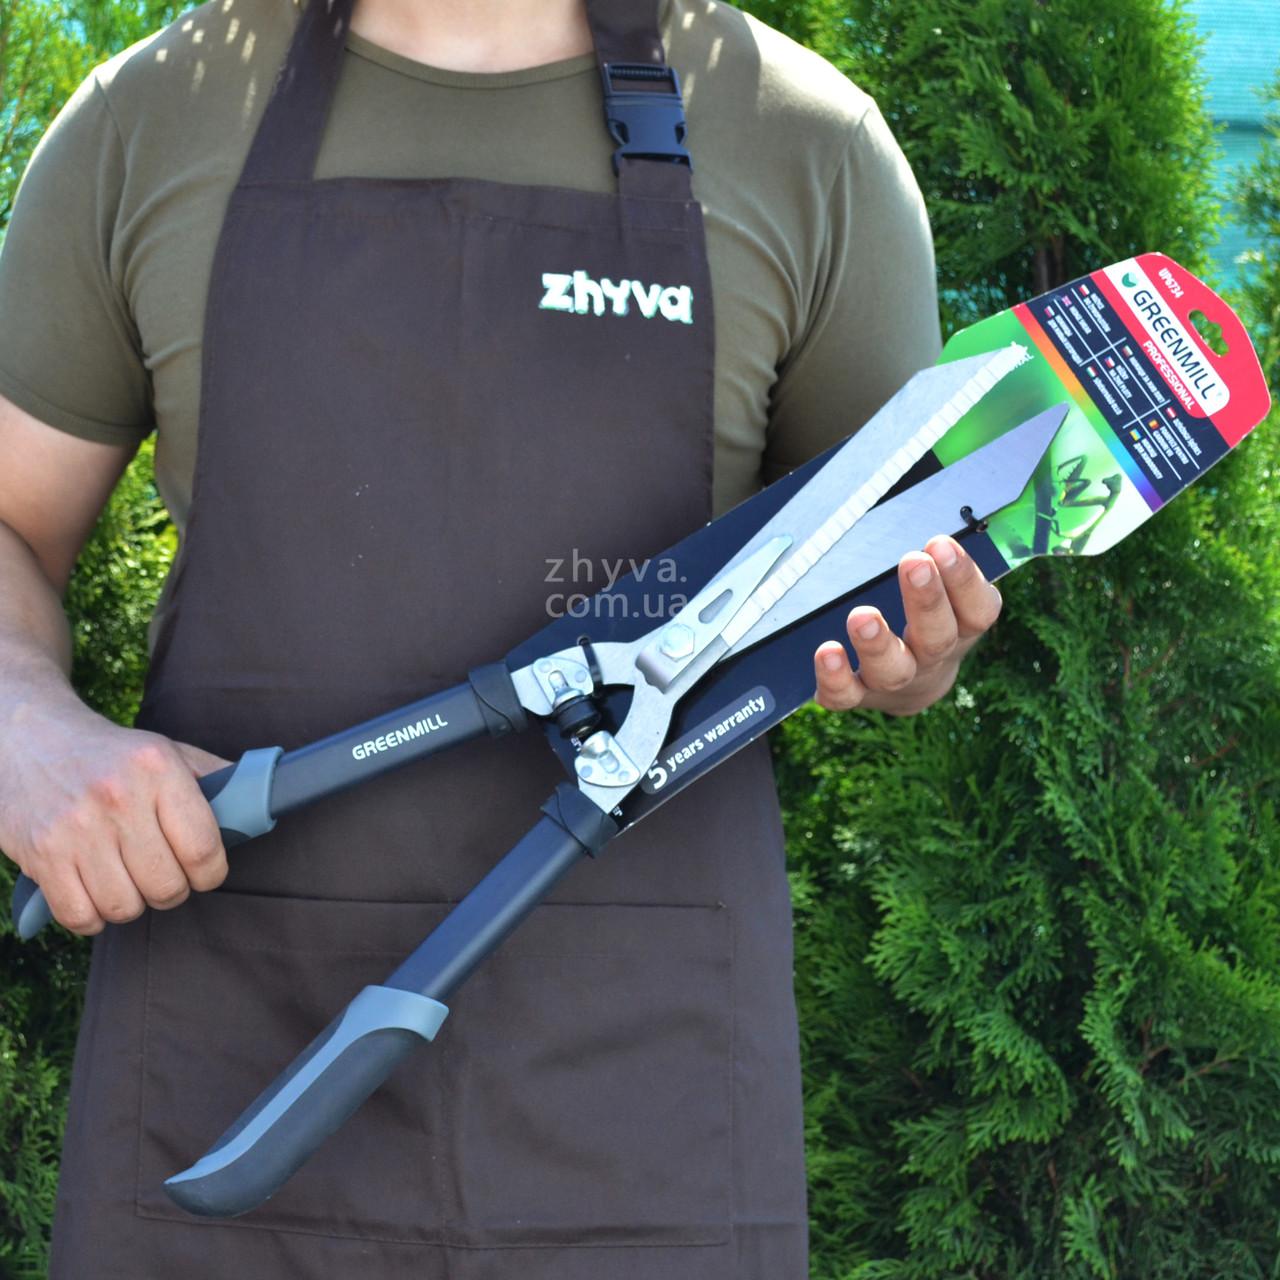 Ножницы в живой изгороди Greenmill профессиональные UP6734